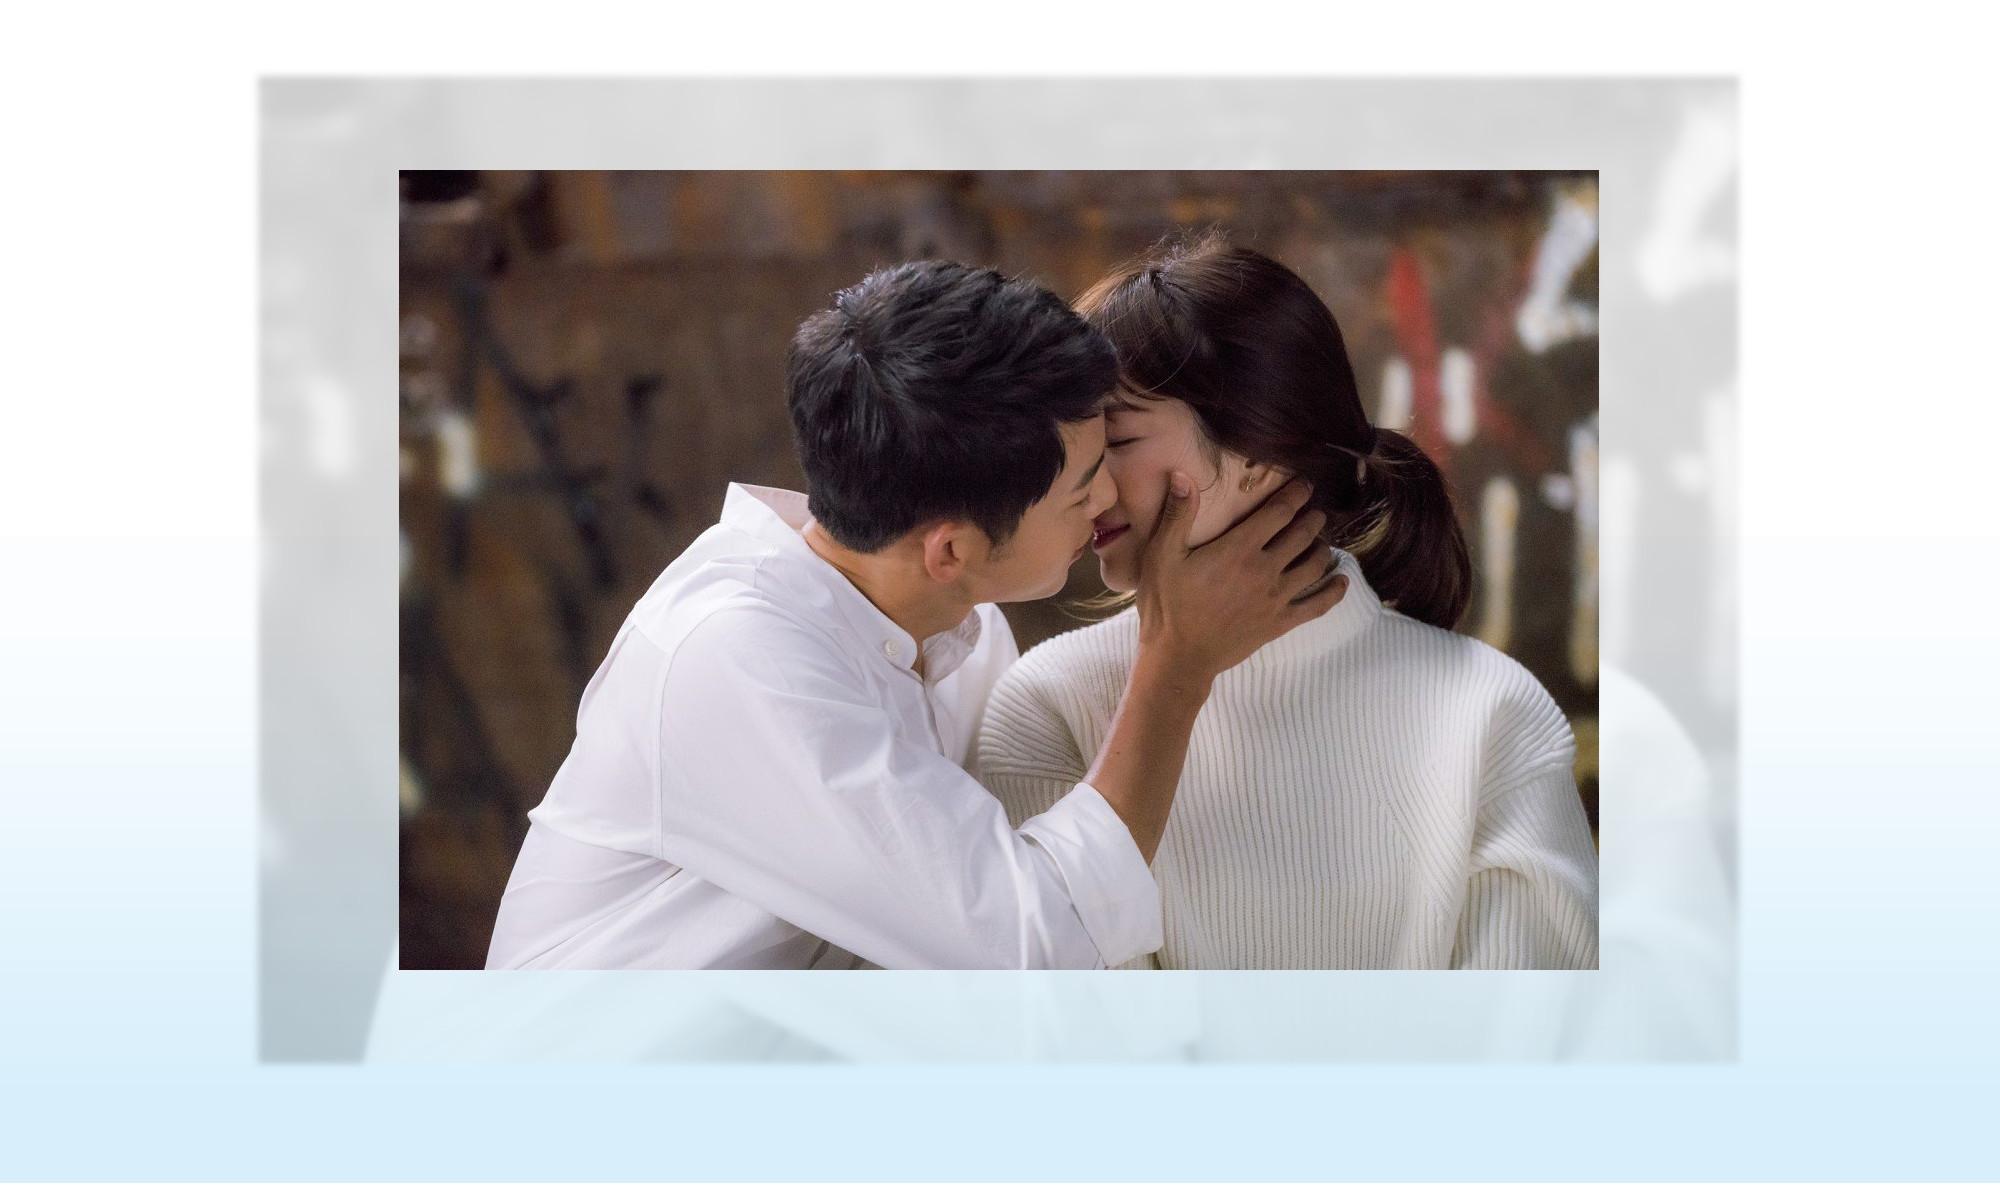 Niềm cảm hứng mang tên Song Hye Kyo: Nếu hạnh phúc chưa đến, có thể vì nó đang tắc đường - Ảnh 9.